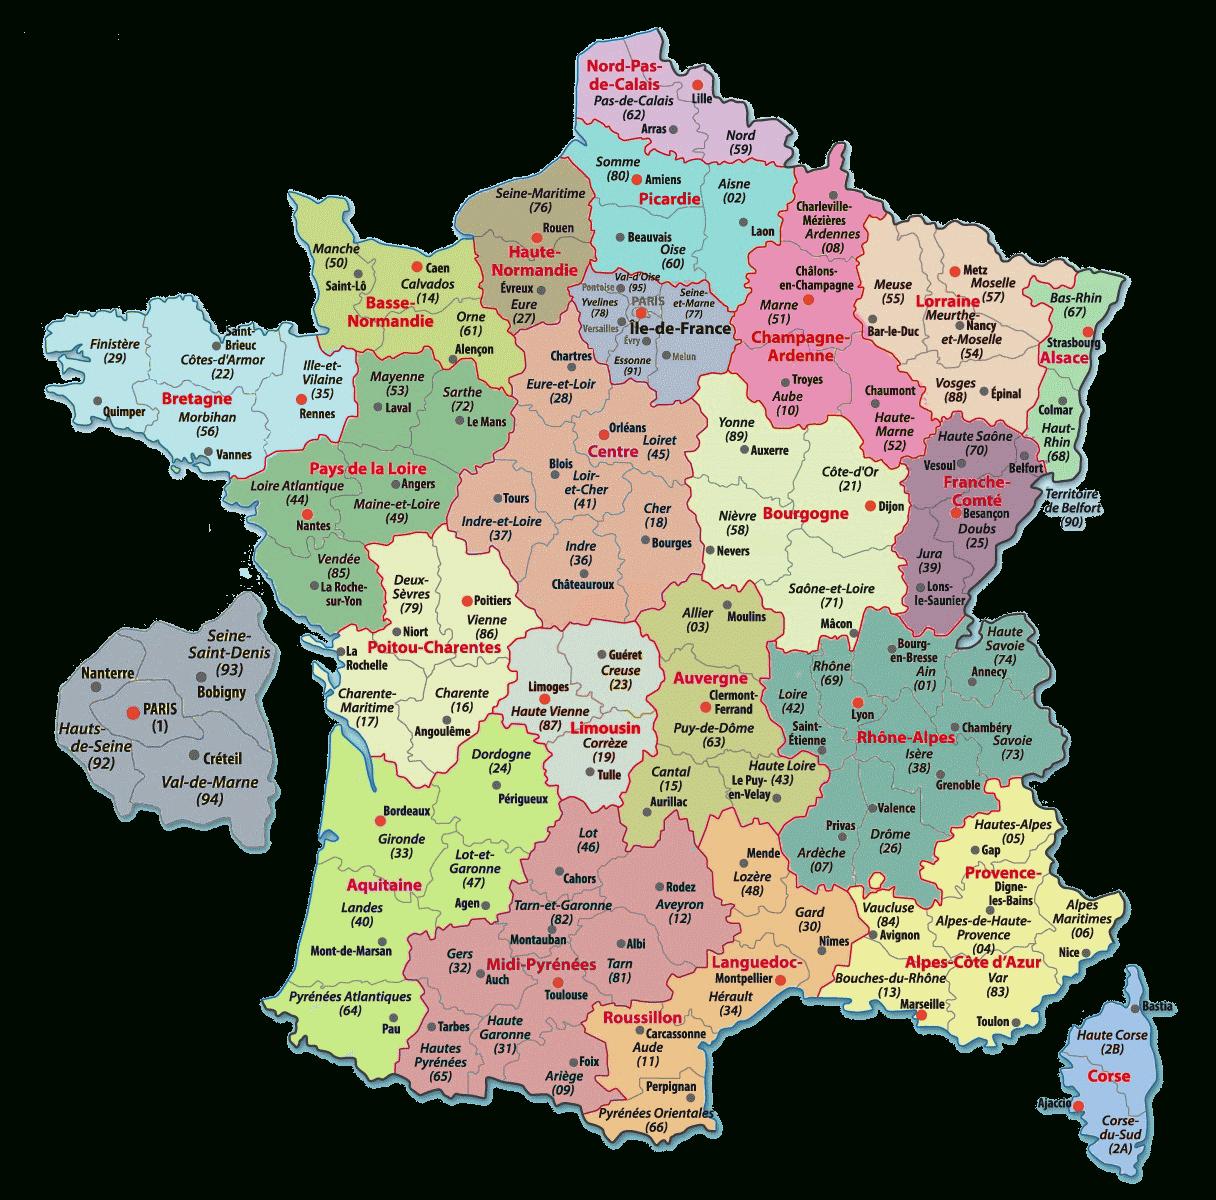 Carte De France Departements : Carte Des Départements De France concernant Carte Départementale De La France